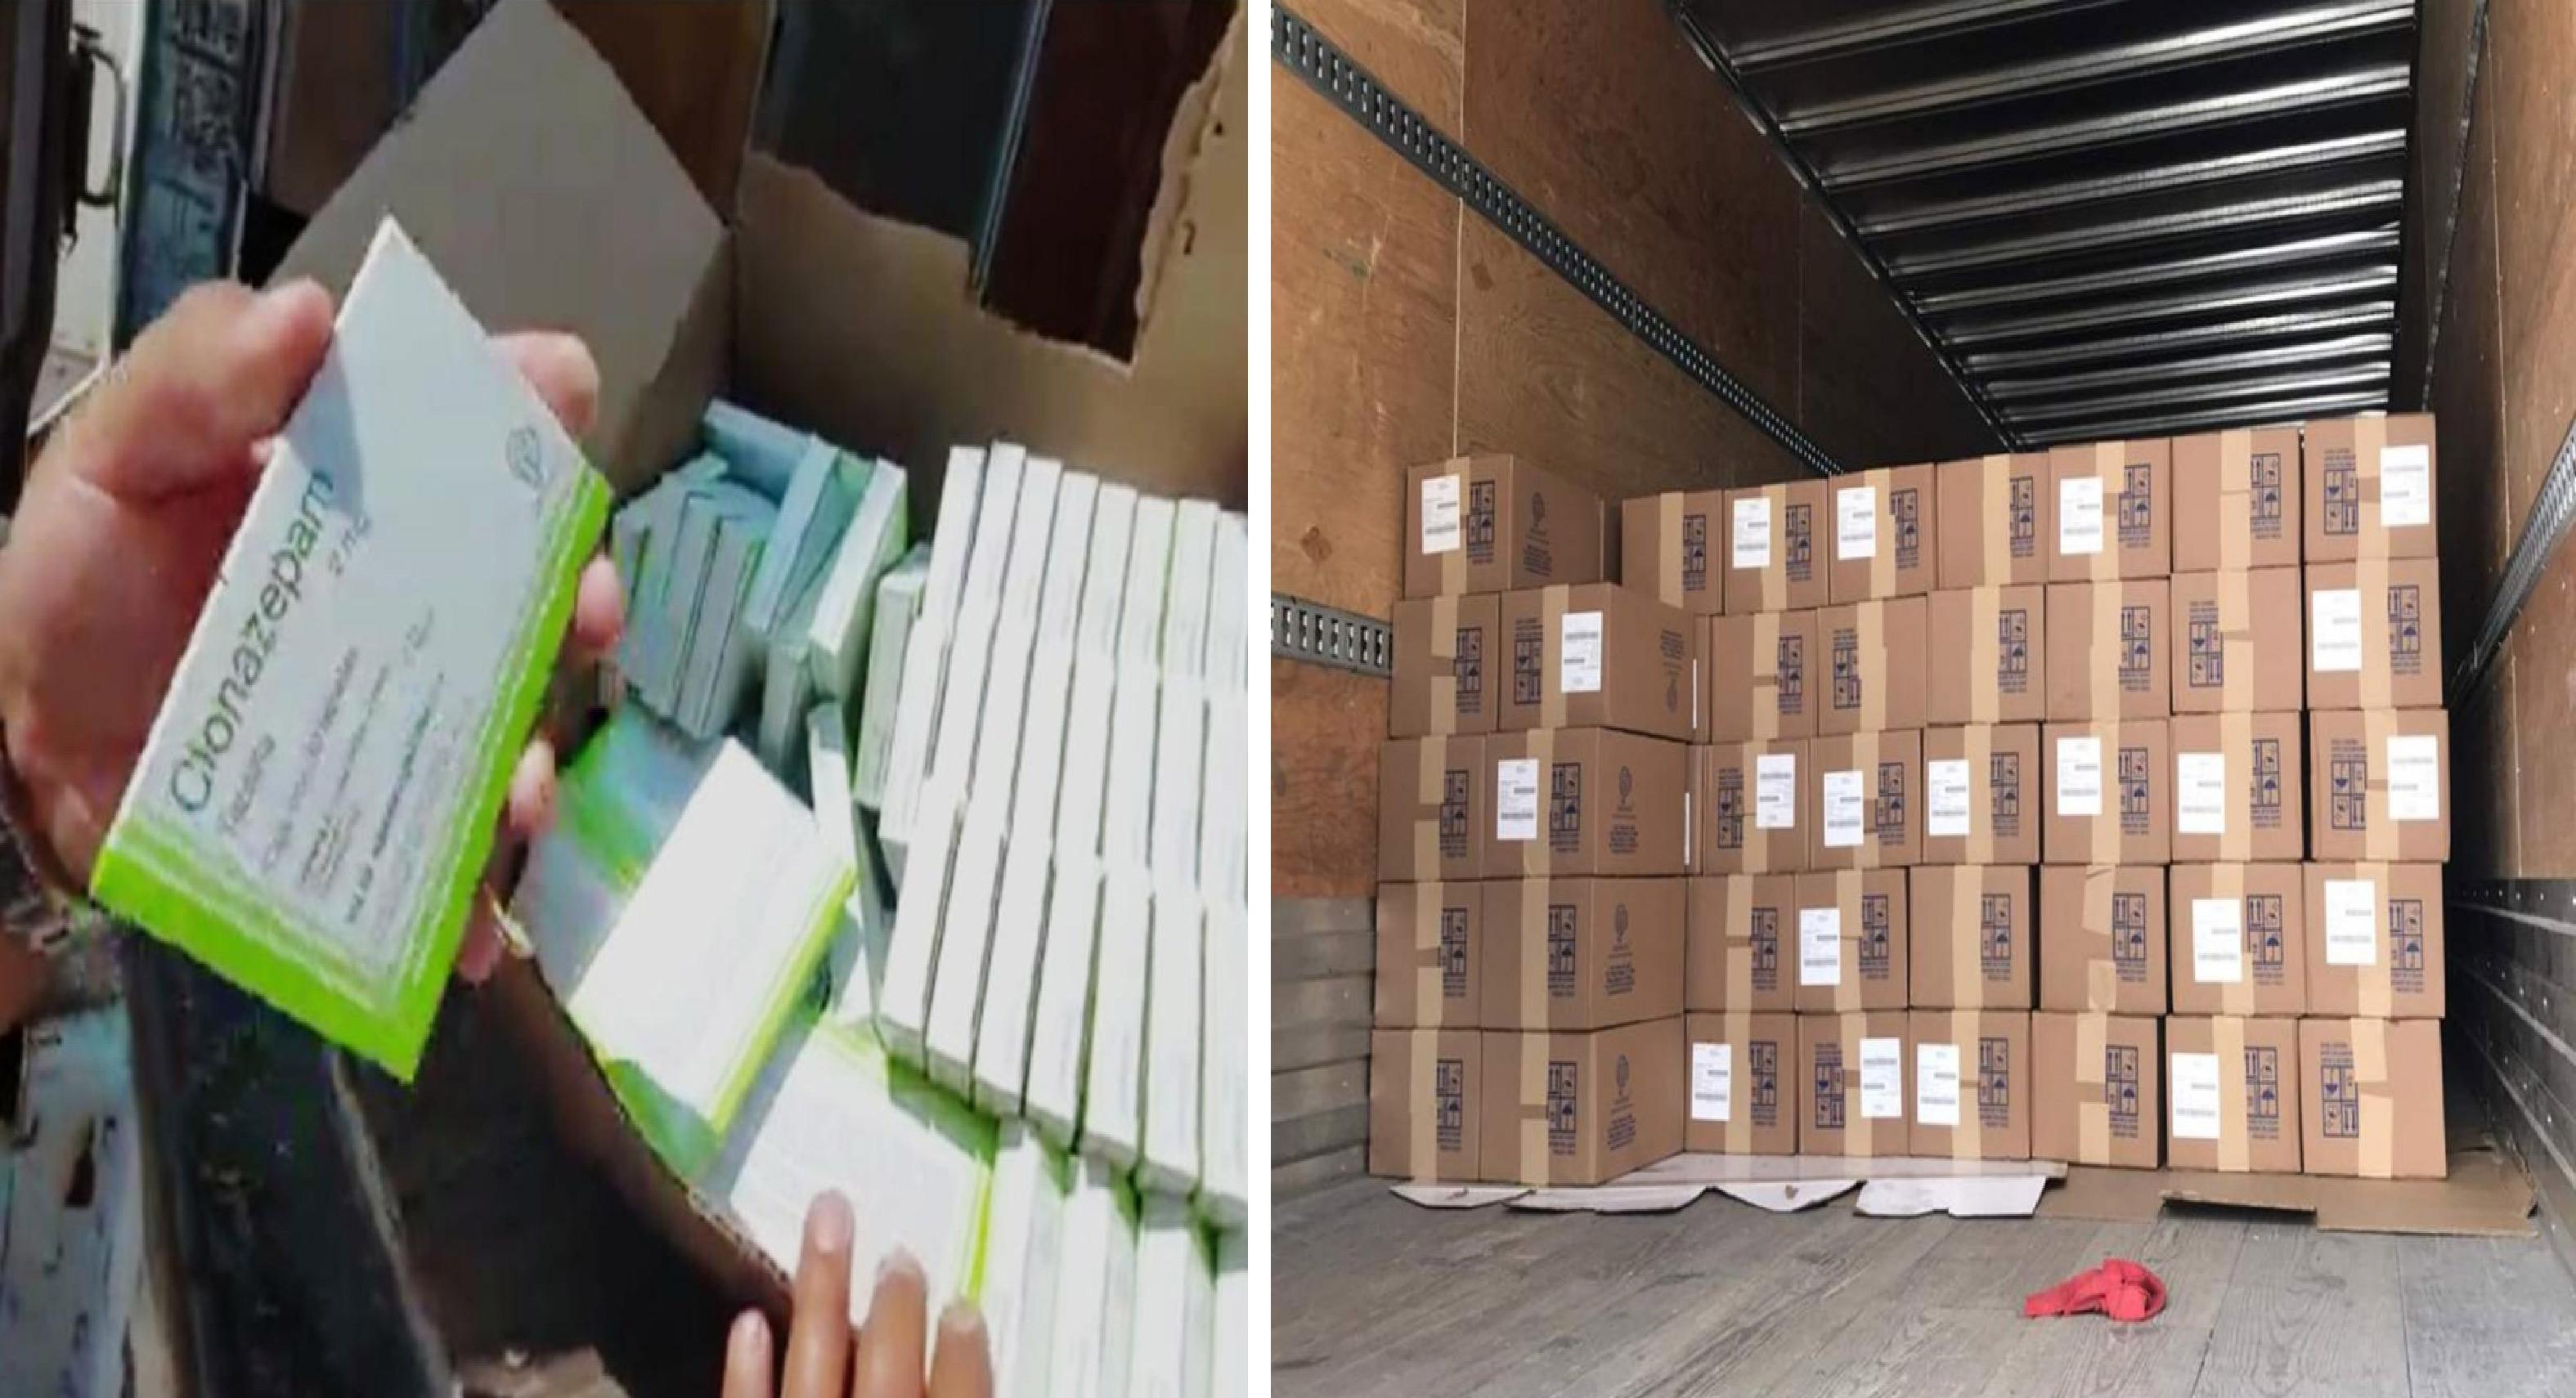 Recuperan medicamentos robados en Toluca, valorados en más de 1 millón de pesos4